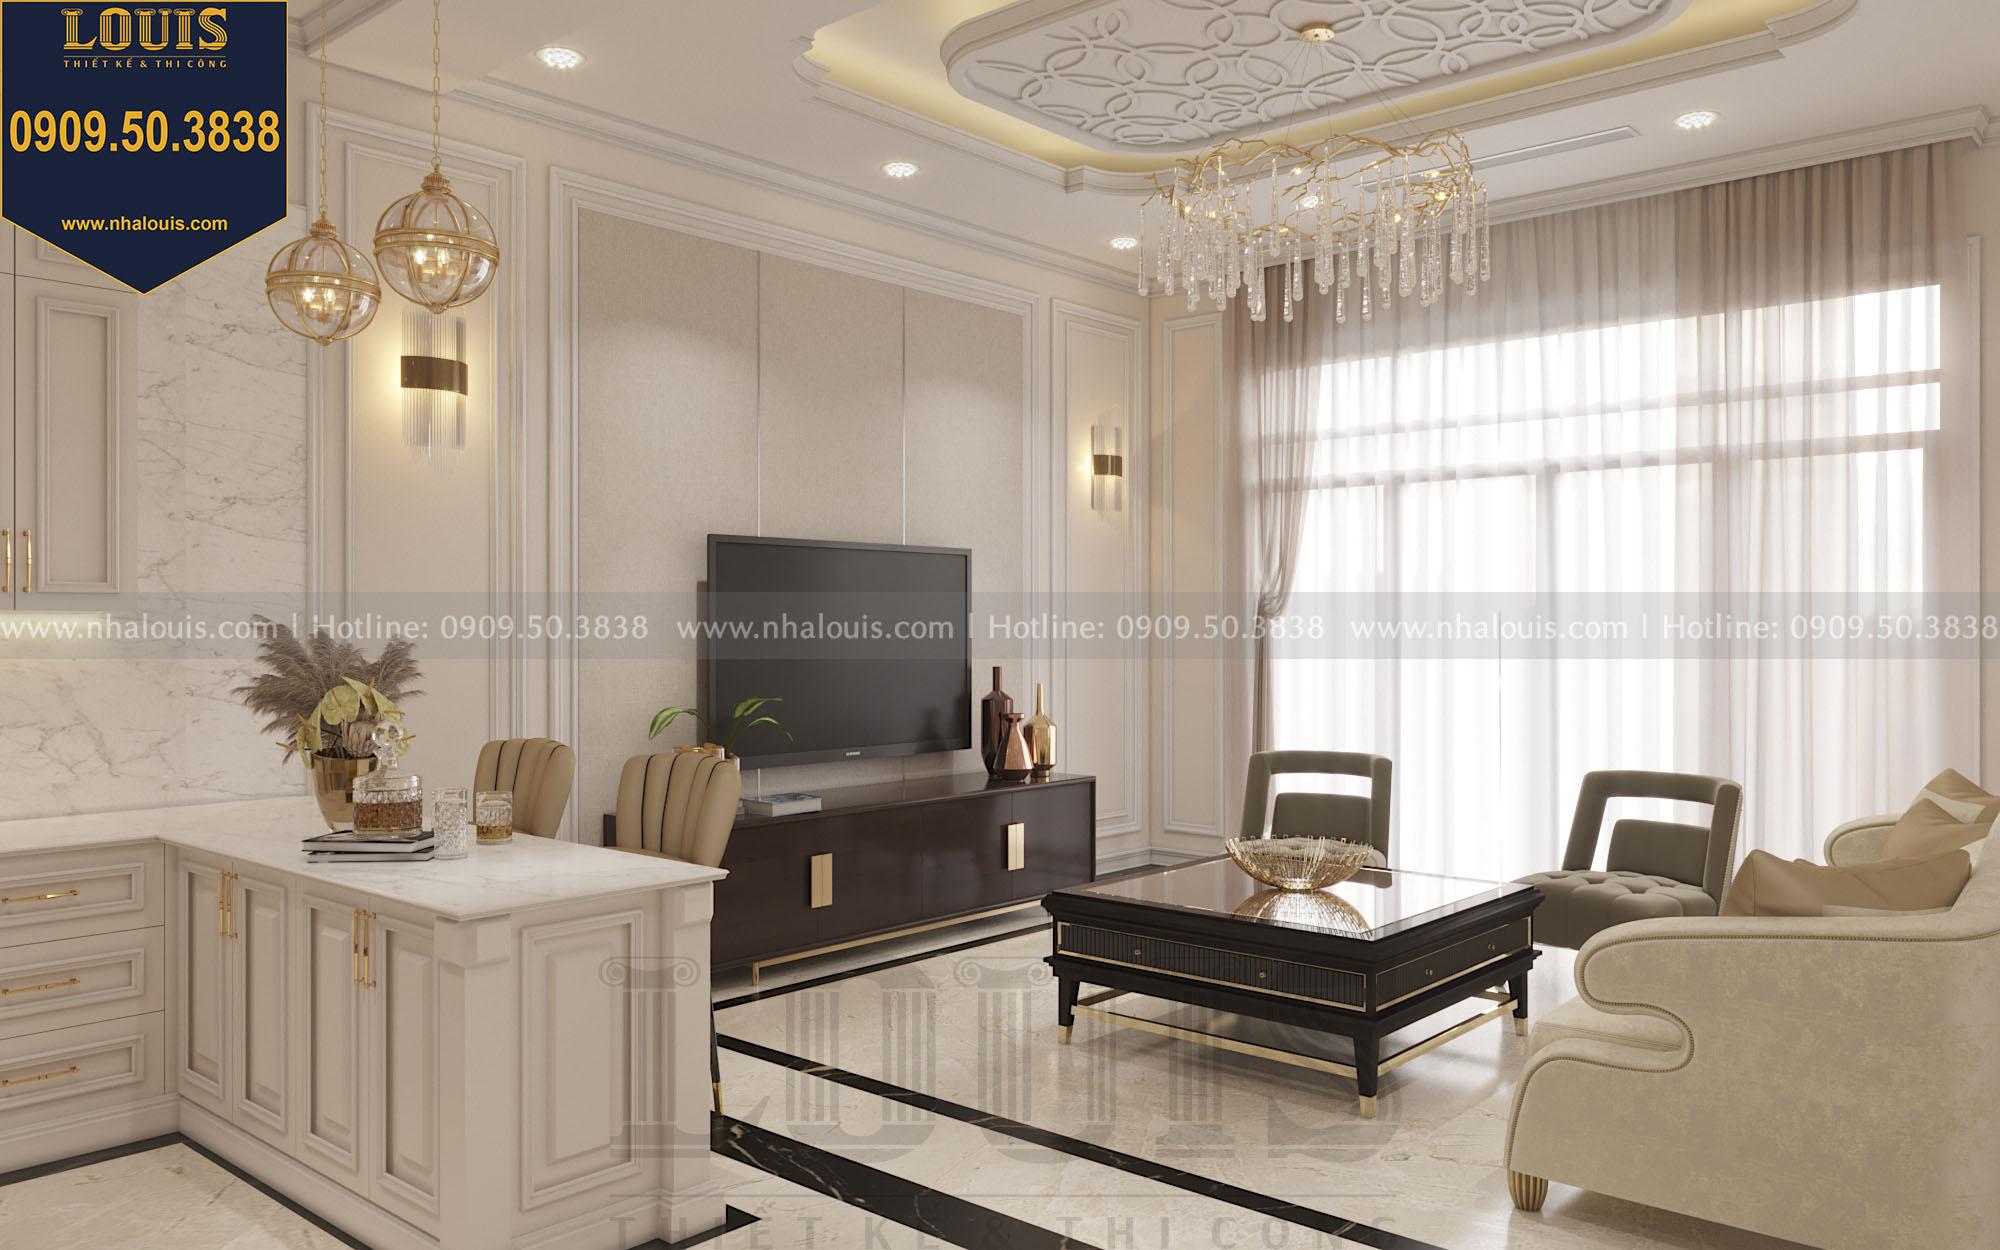 Thiết kế phòng khách nhà phố phong cách tân cổ điển